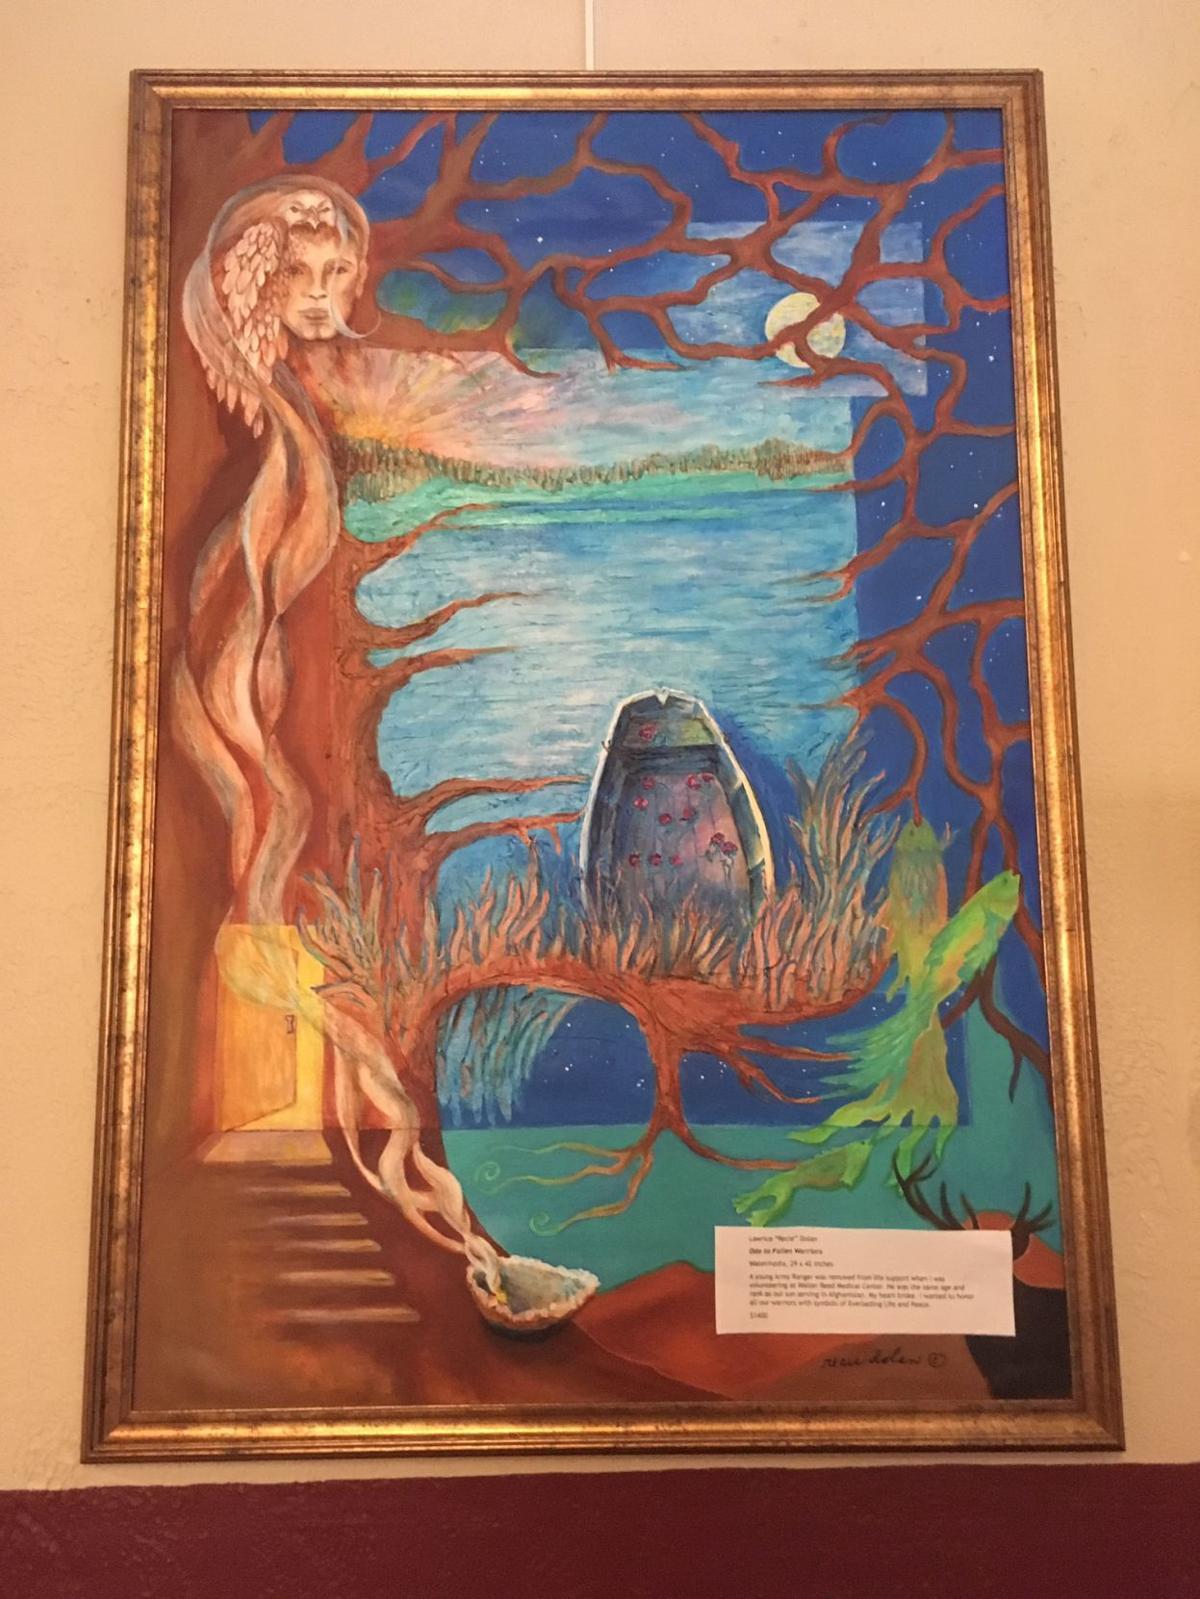 Artists' exhibit opens